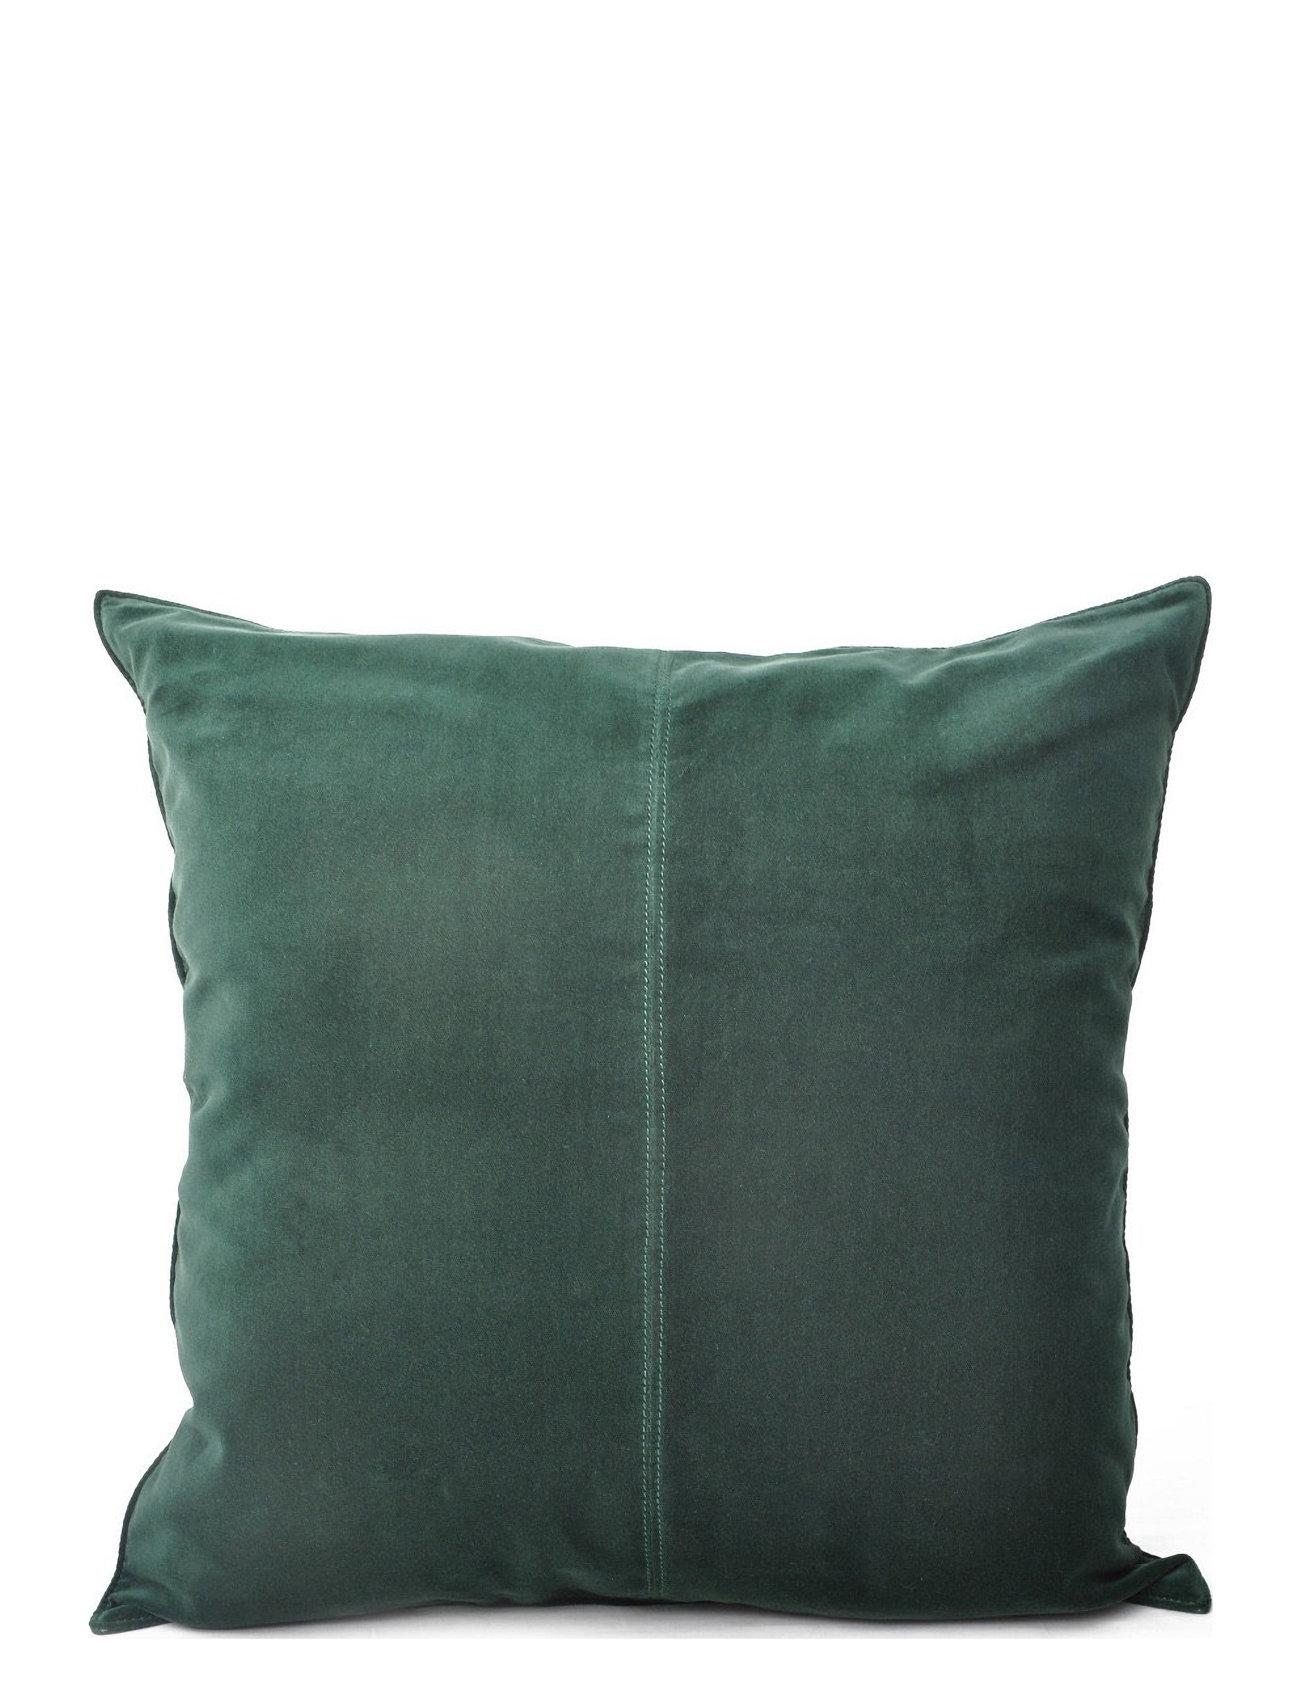 Ceannis - C/c 50x50 Dark Green Velvet - housses de coussins - dark green - 0